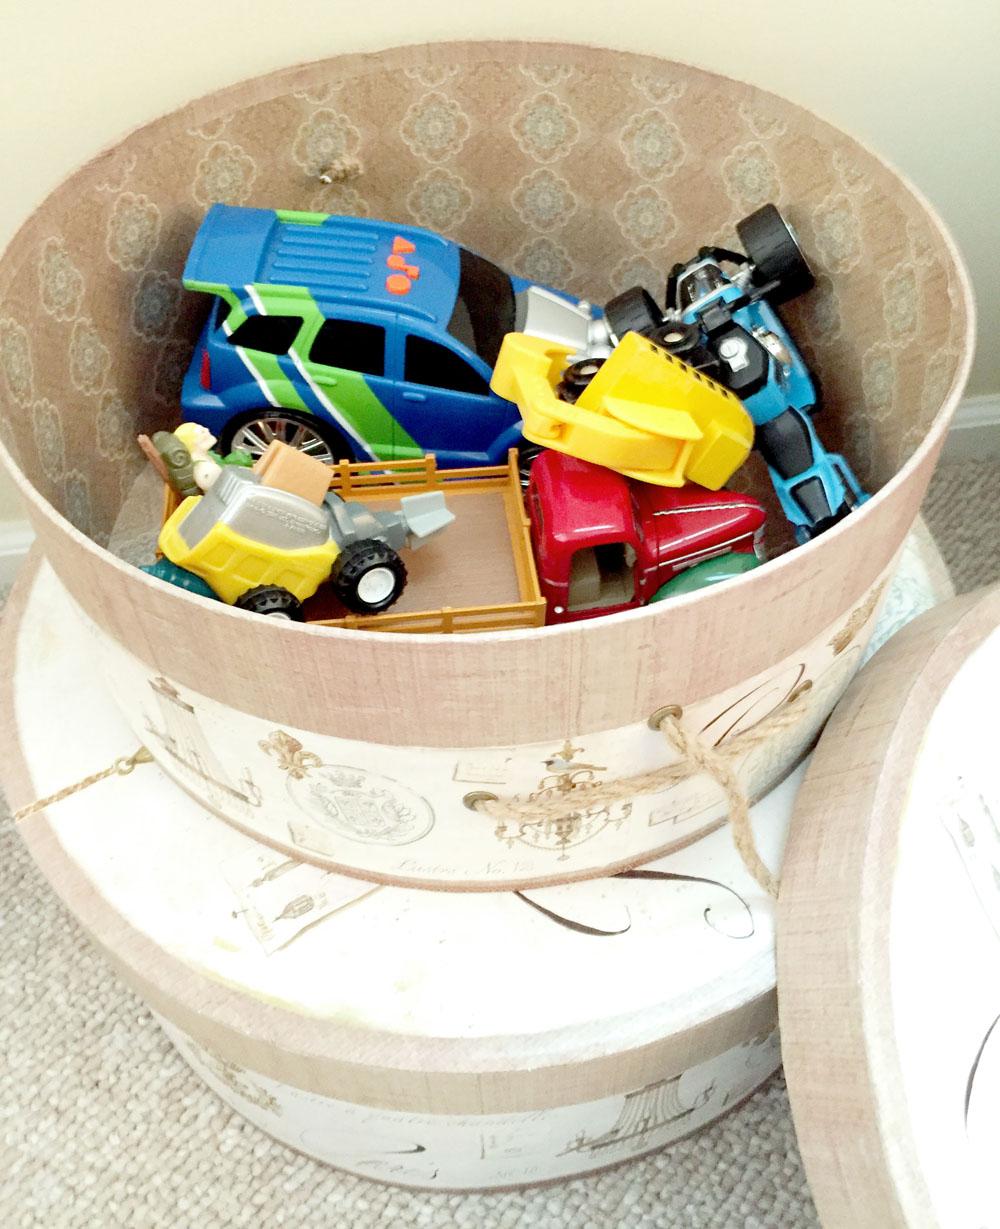 DIY Home Organization - Hidden Toy Storage Ideas